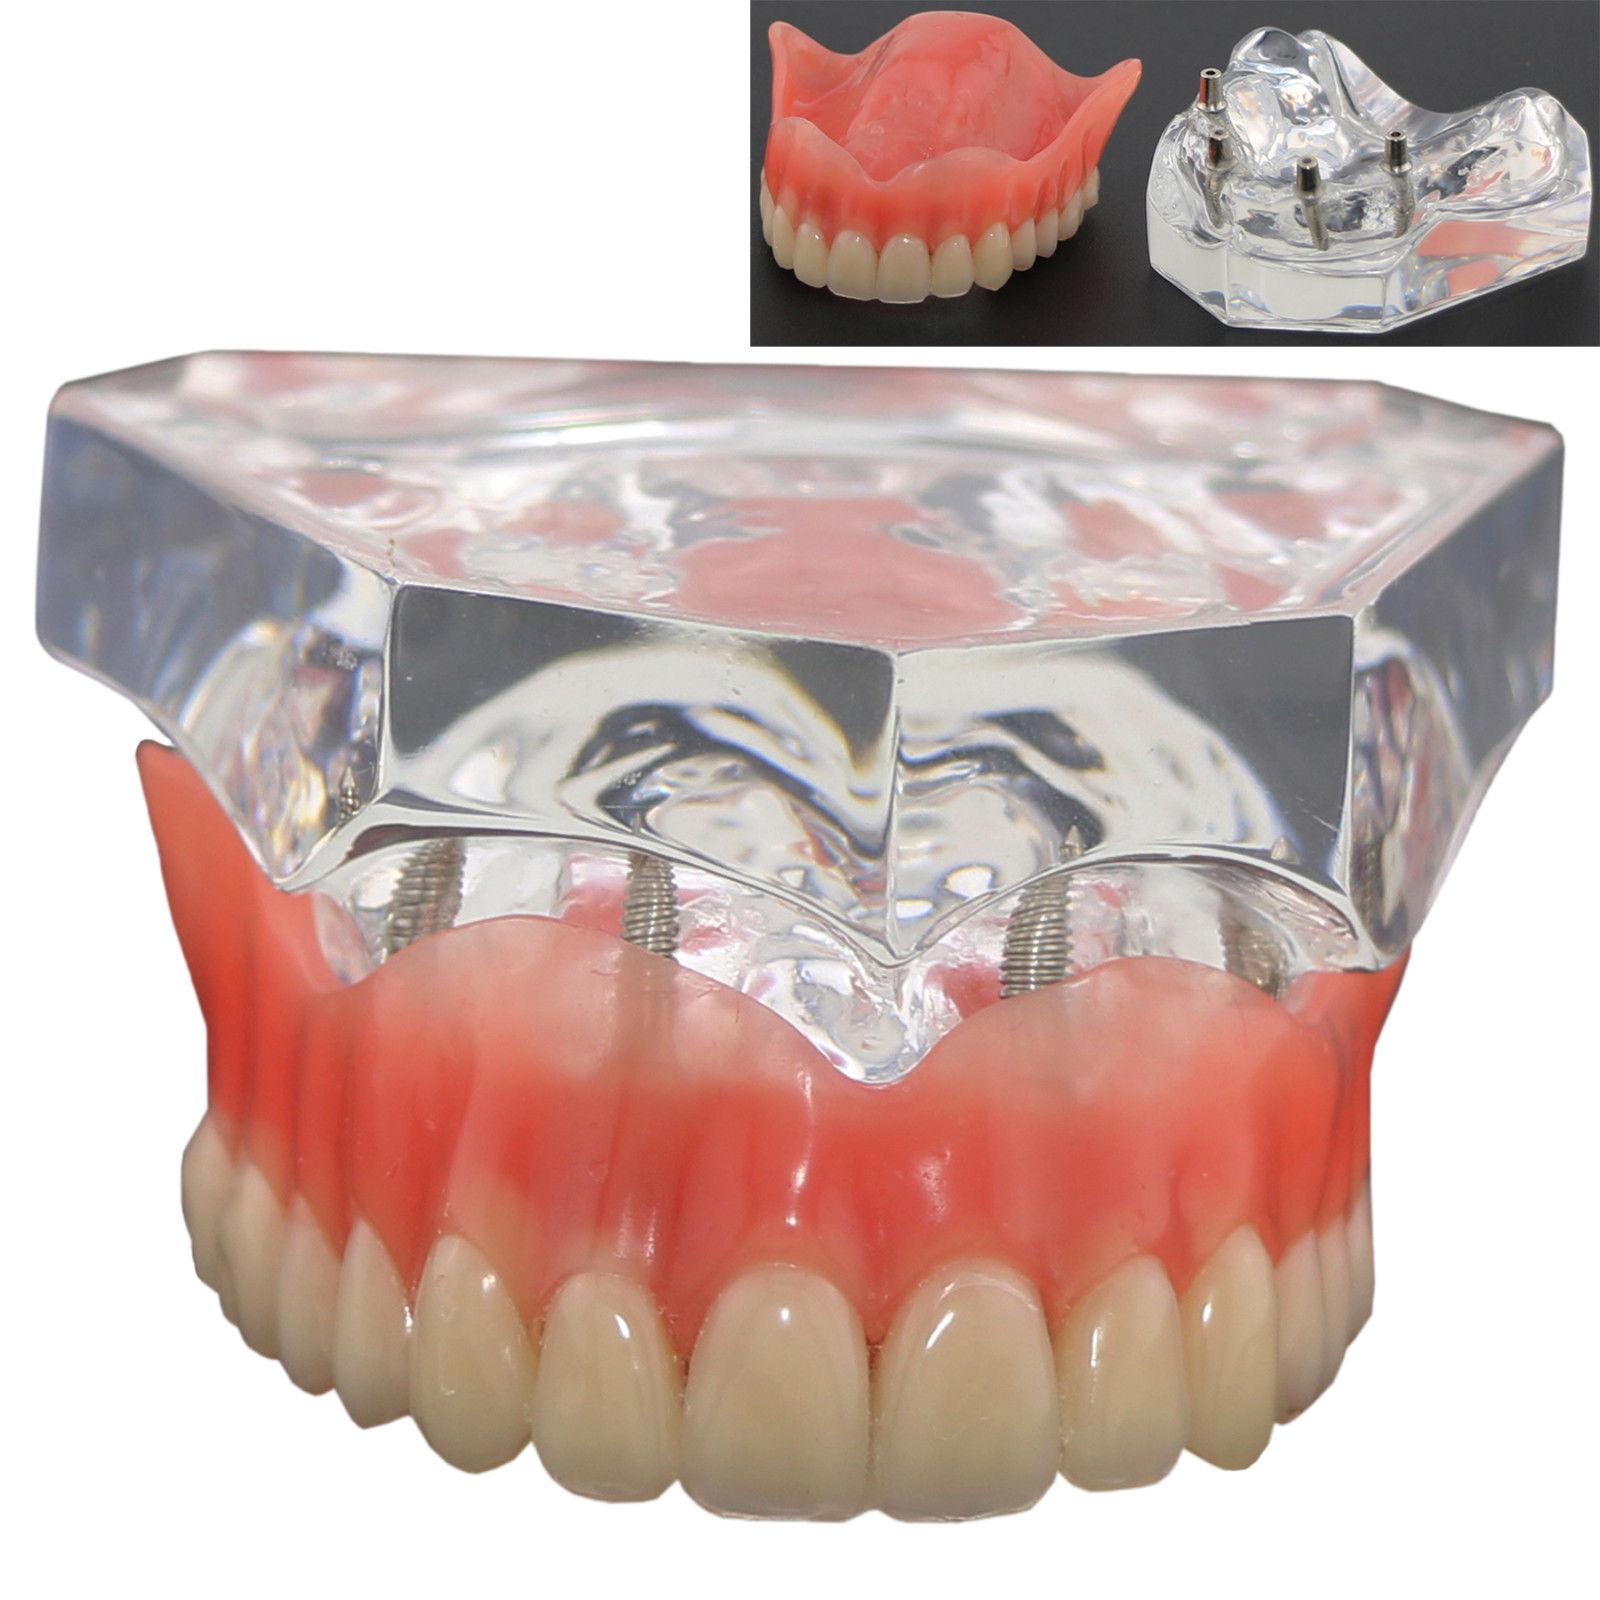 Dental Upper Teeth Model Overdenture Superior 4 Implants Demo Model 6001 02 dental overdenture inferior with 4 implants demo model 6003 study teeth model